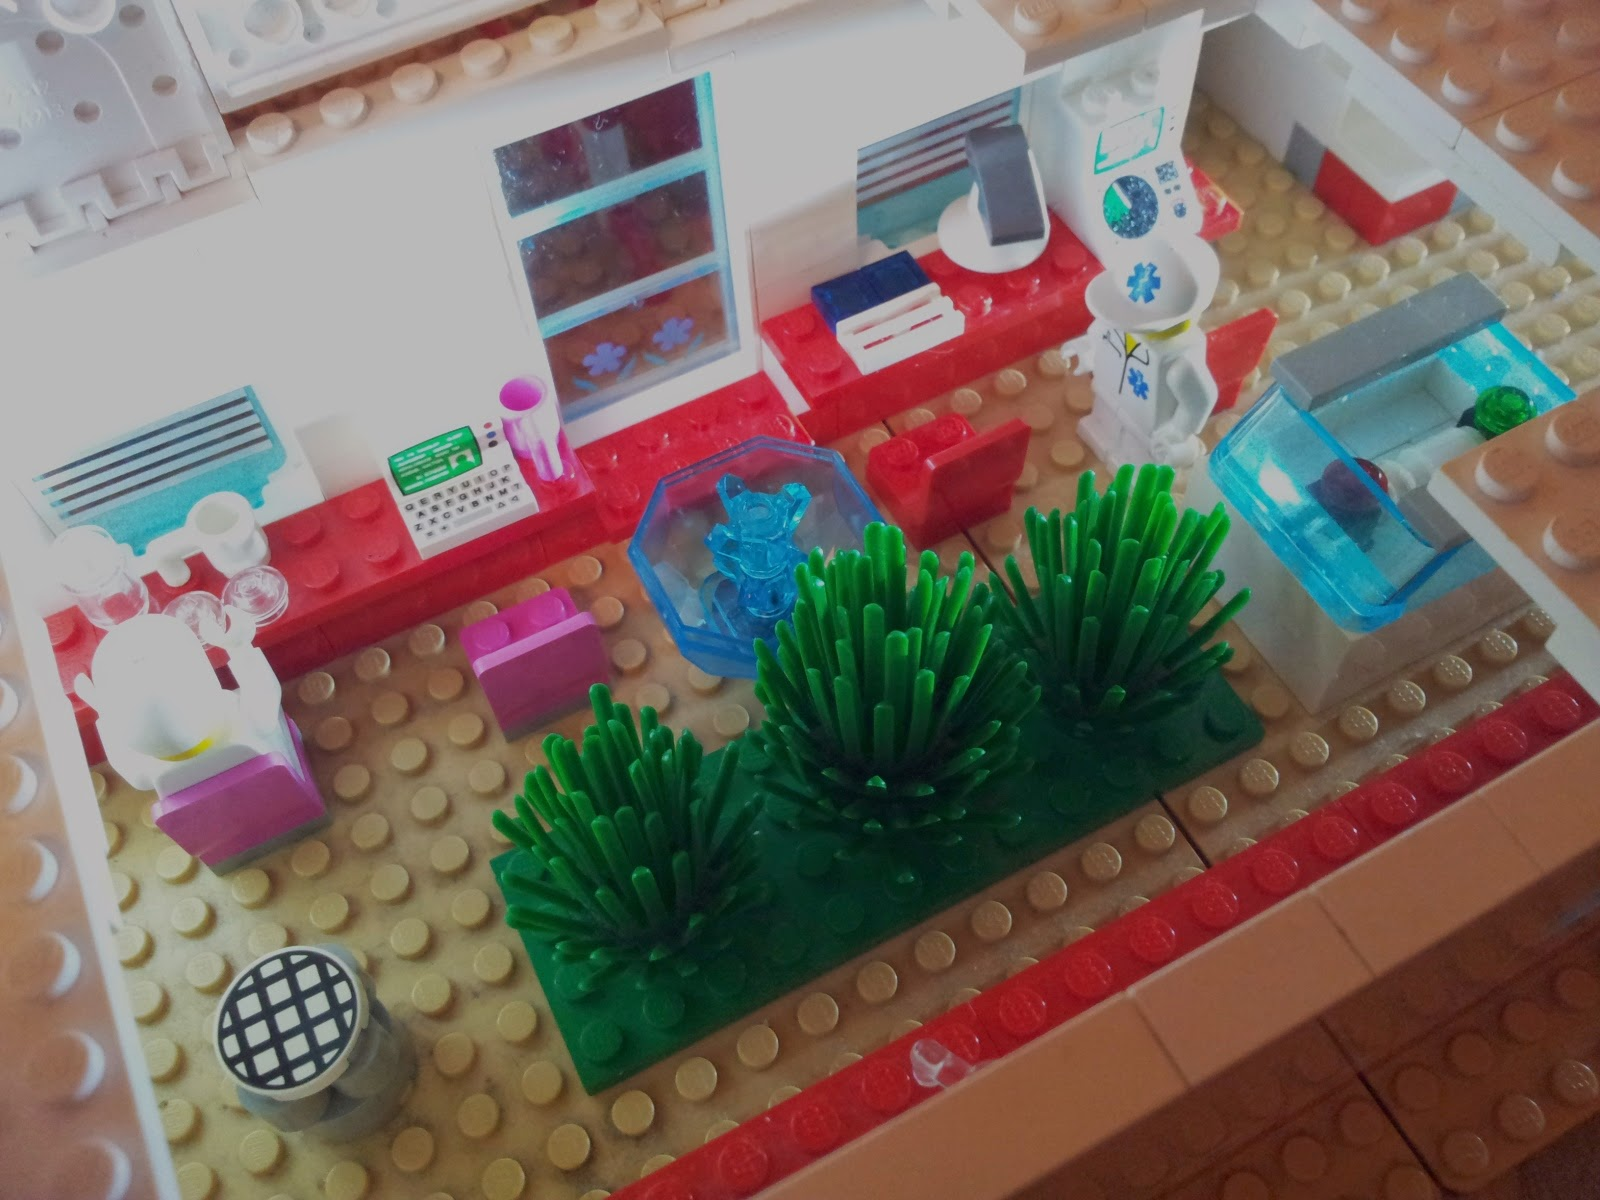 LEGO Mars colony